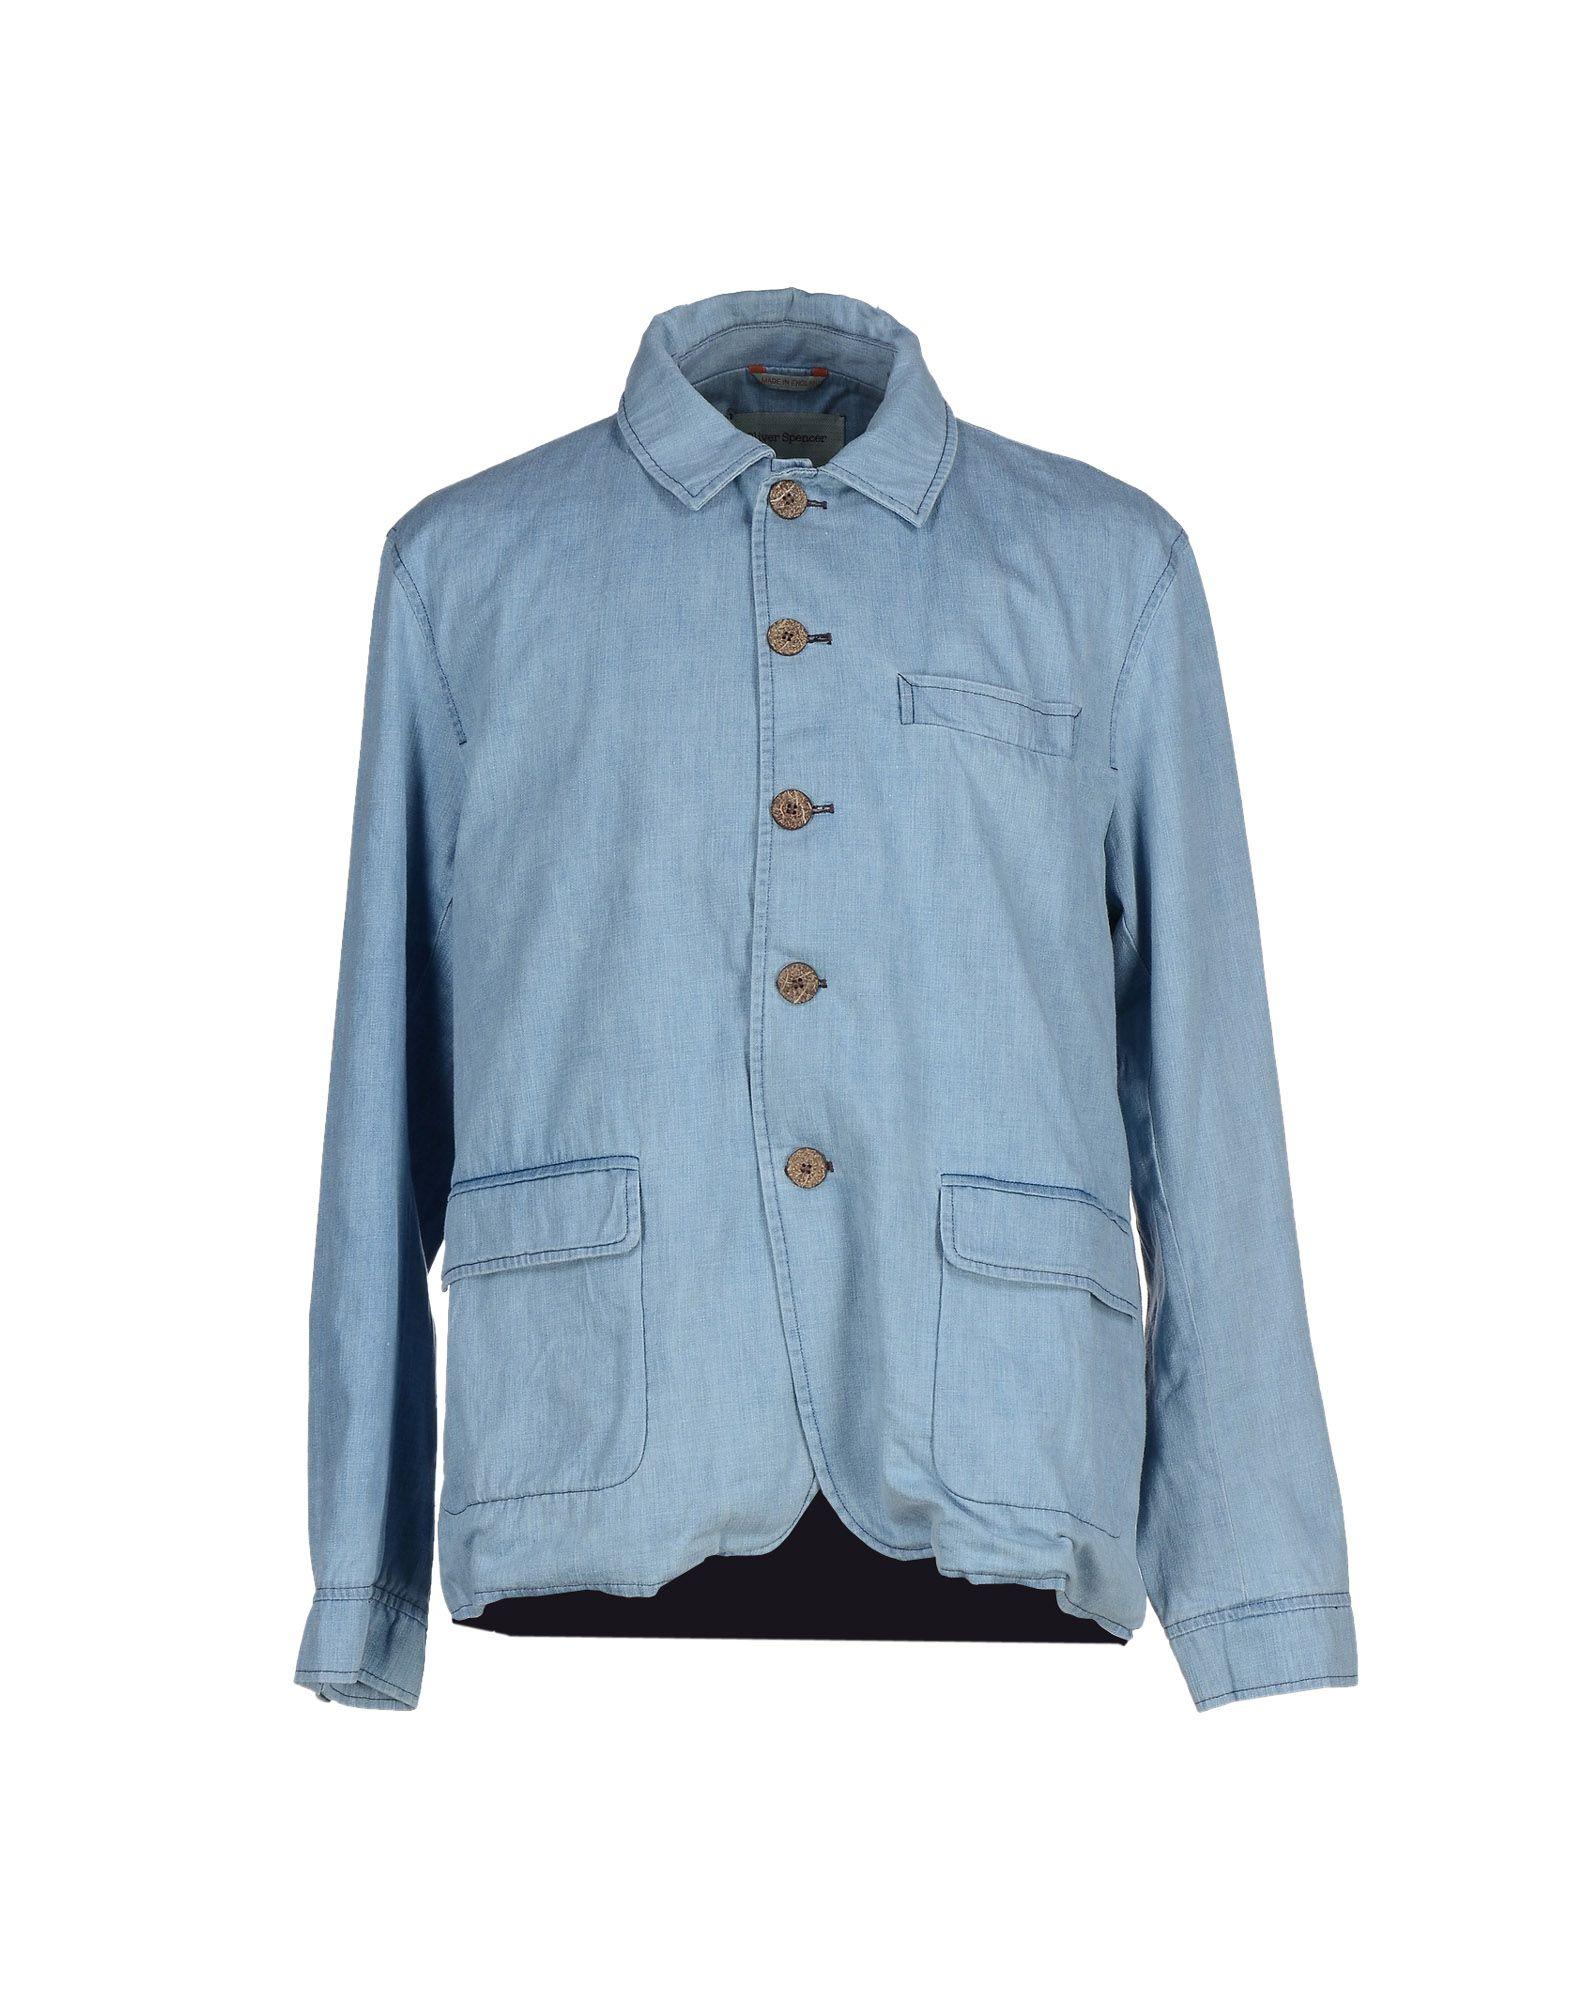 oliver spencer легкое пальто OLIVER SPENCER Джинсовая верхняя одежда